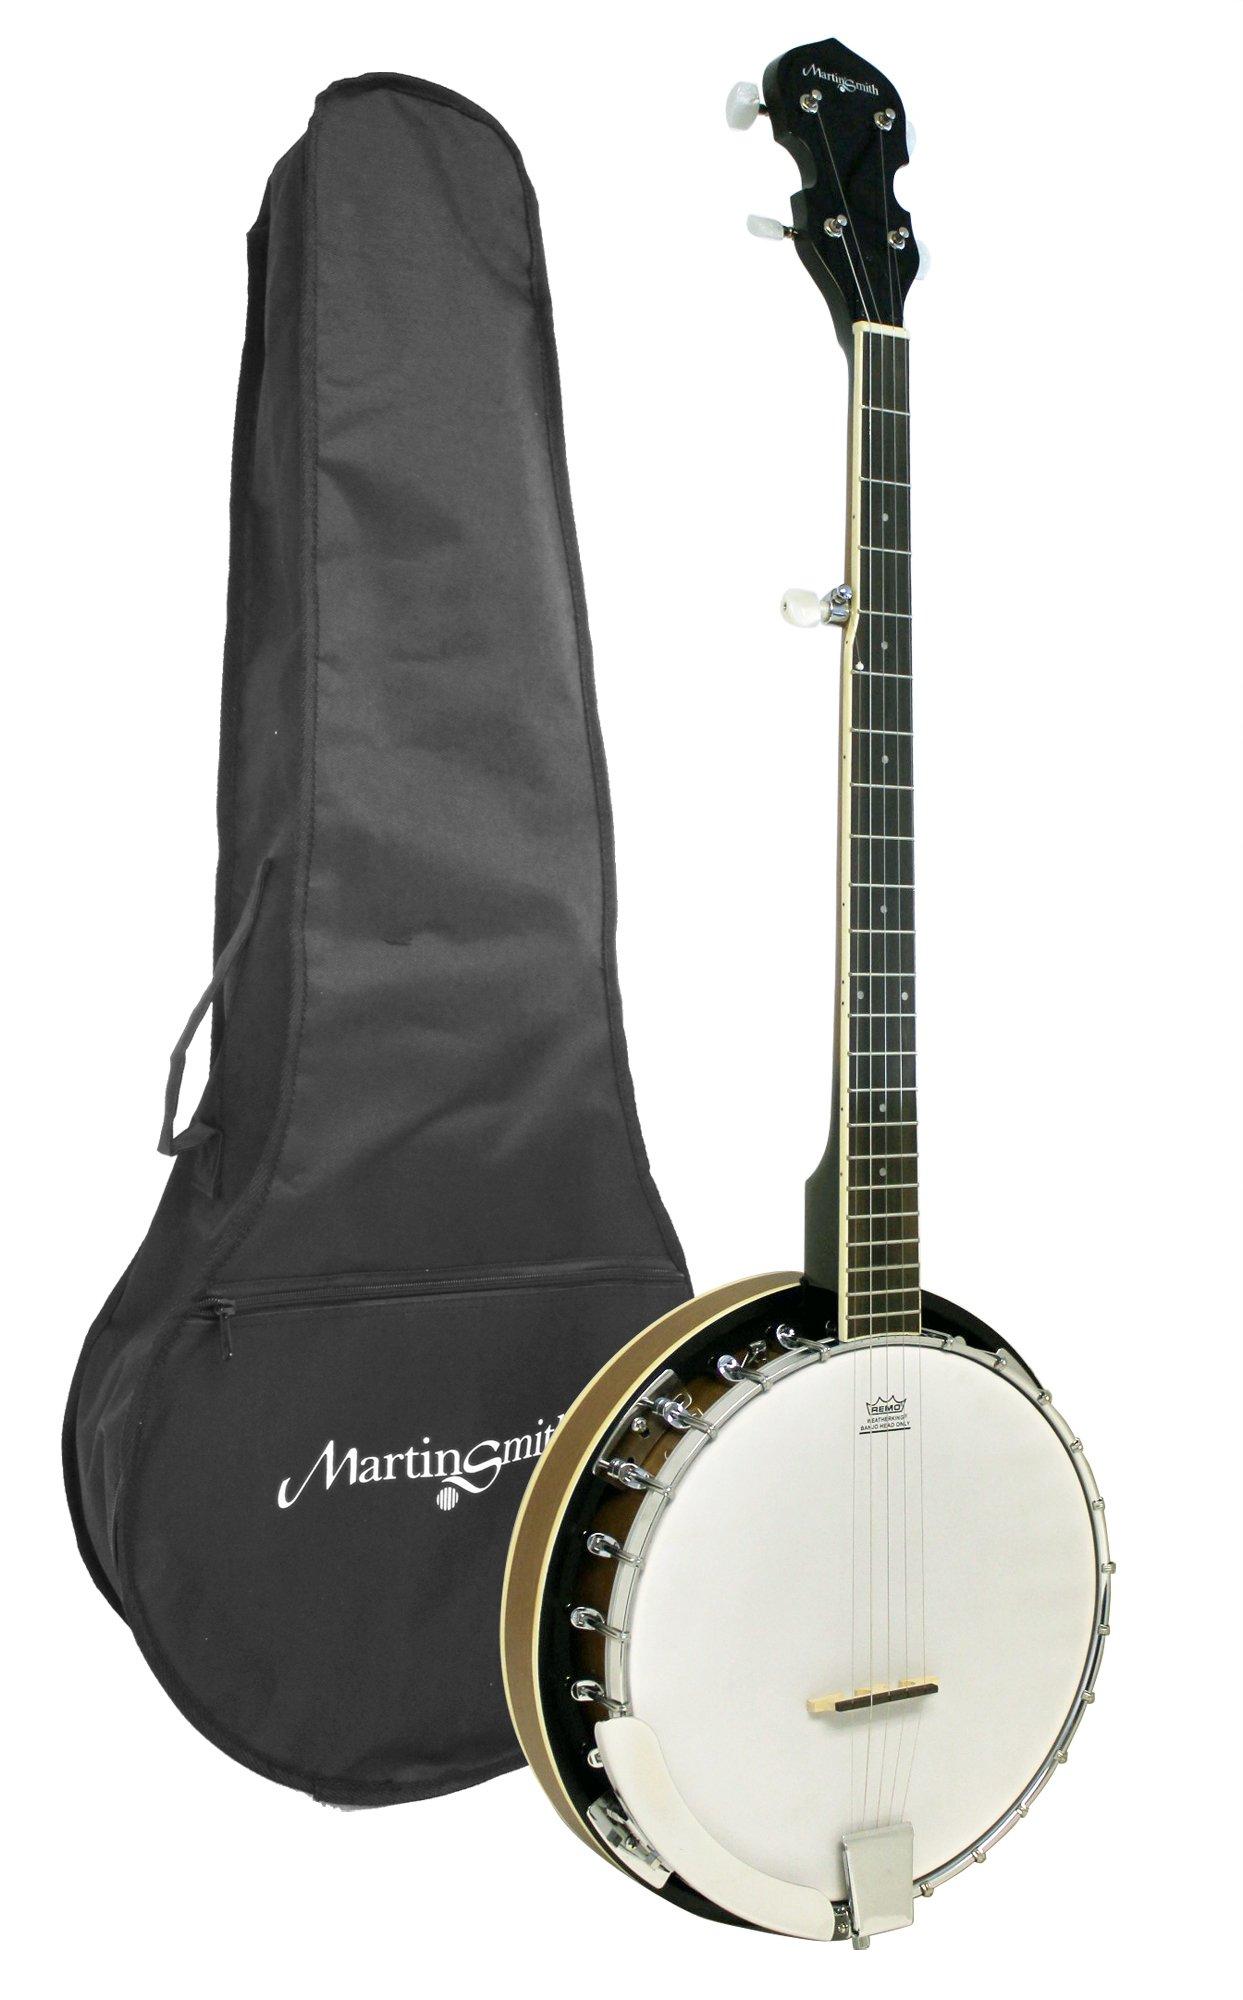 Martin Smith BJ-001 5 String Guitar Banjo Including Padded Gig Bag